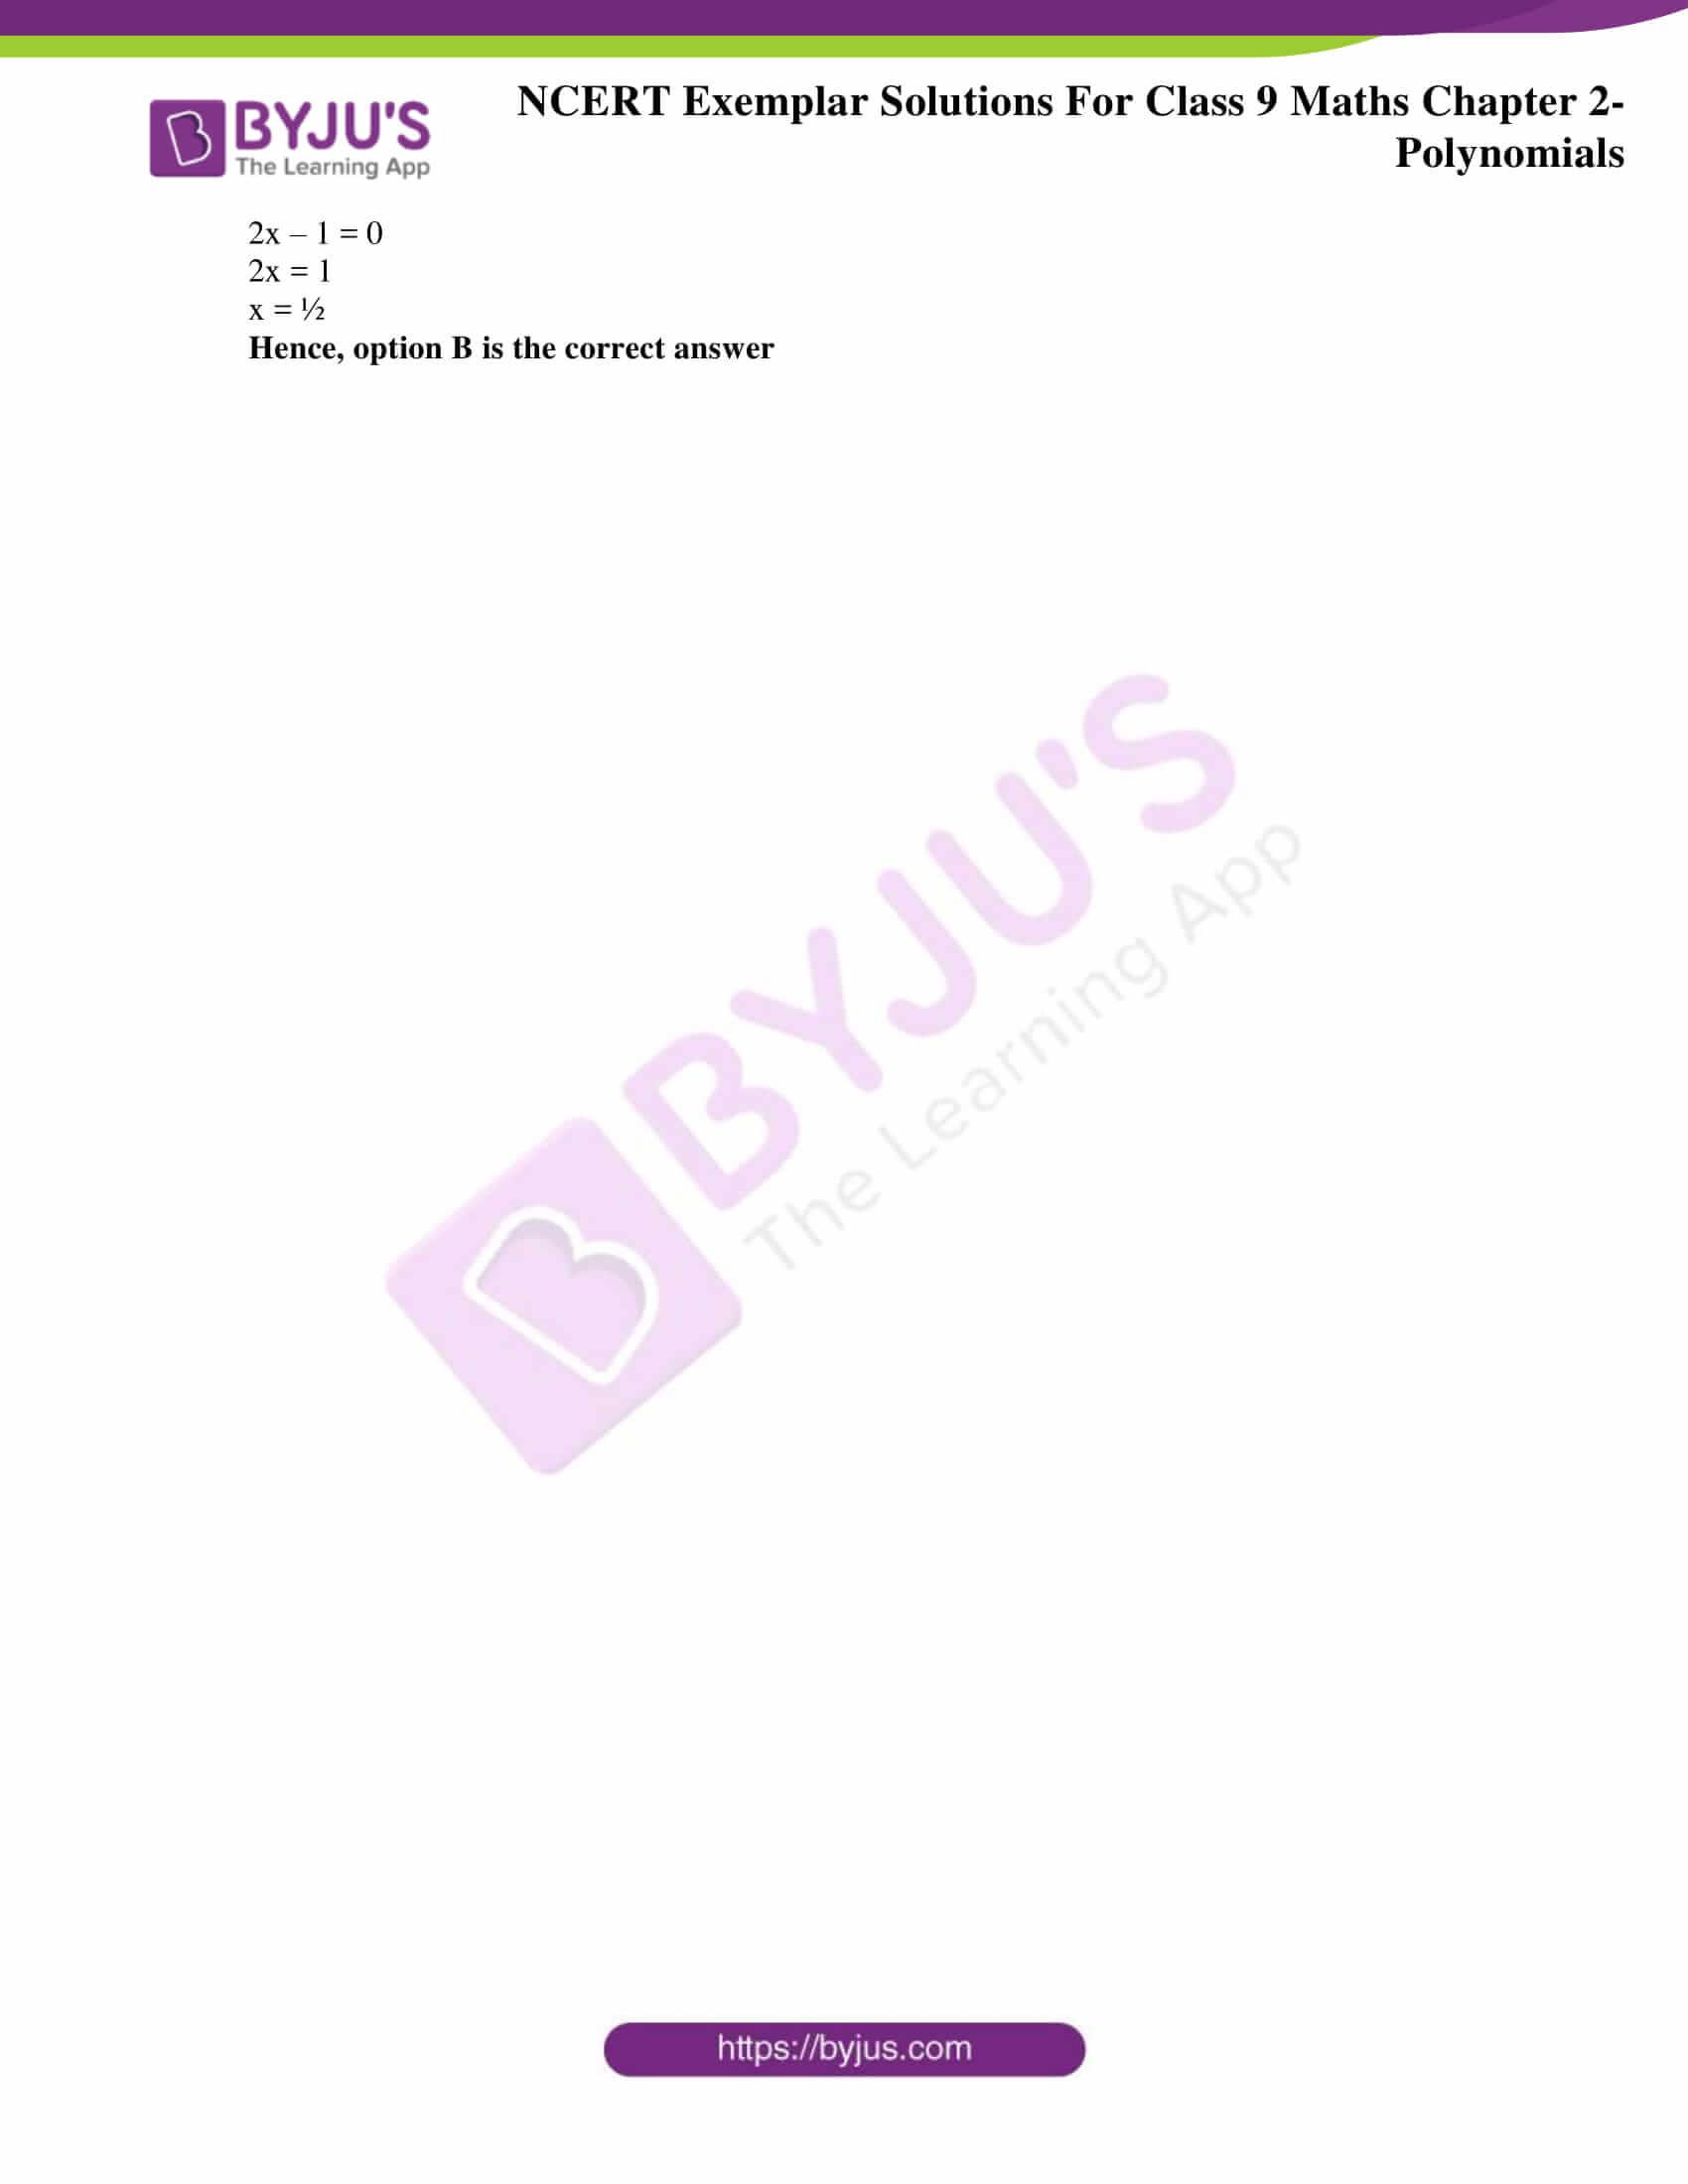 NCERT Exemplar Solutions for Class 9 Maths Chapter 2 05